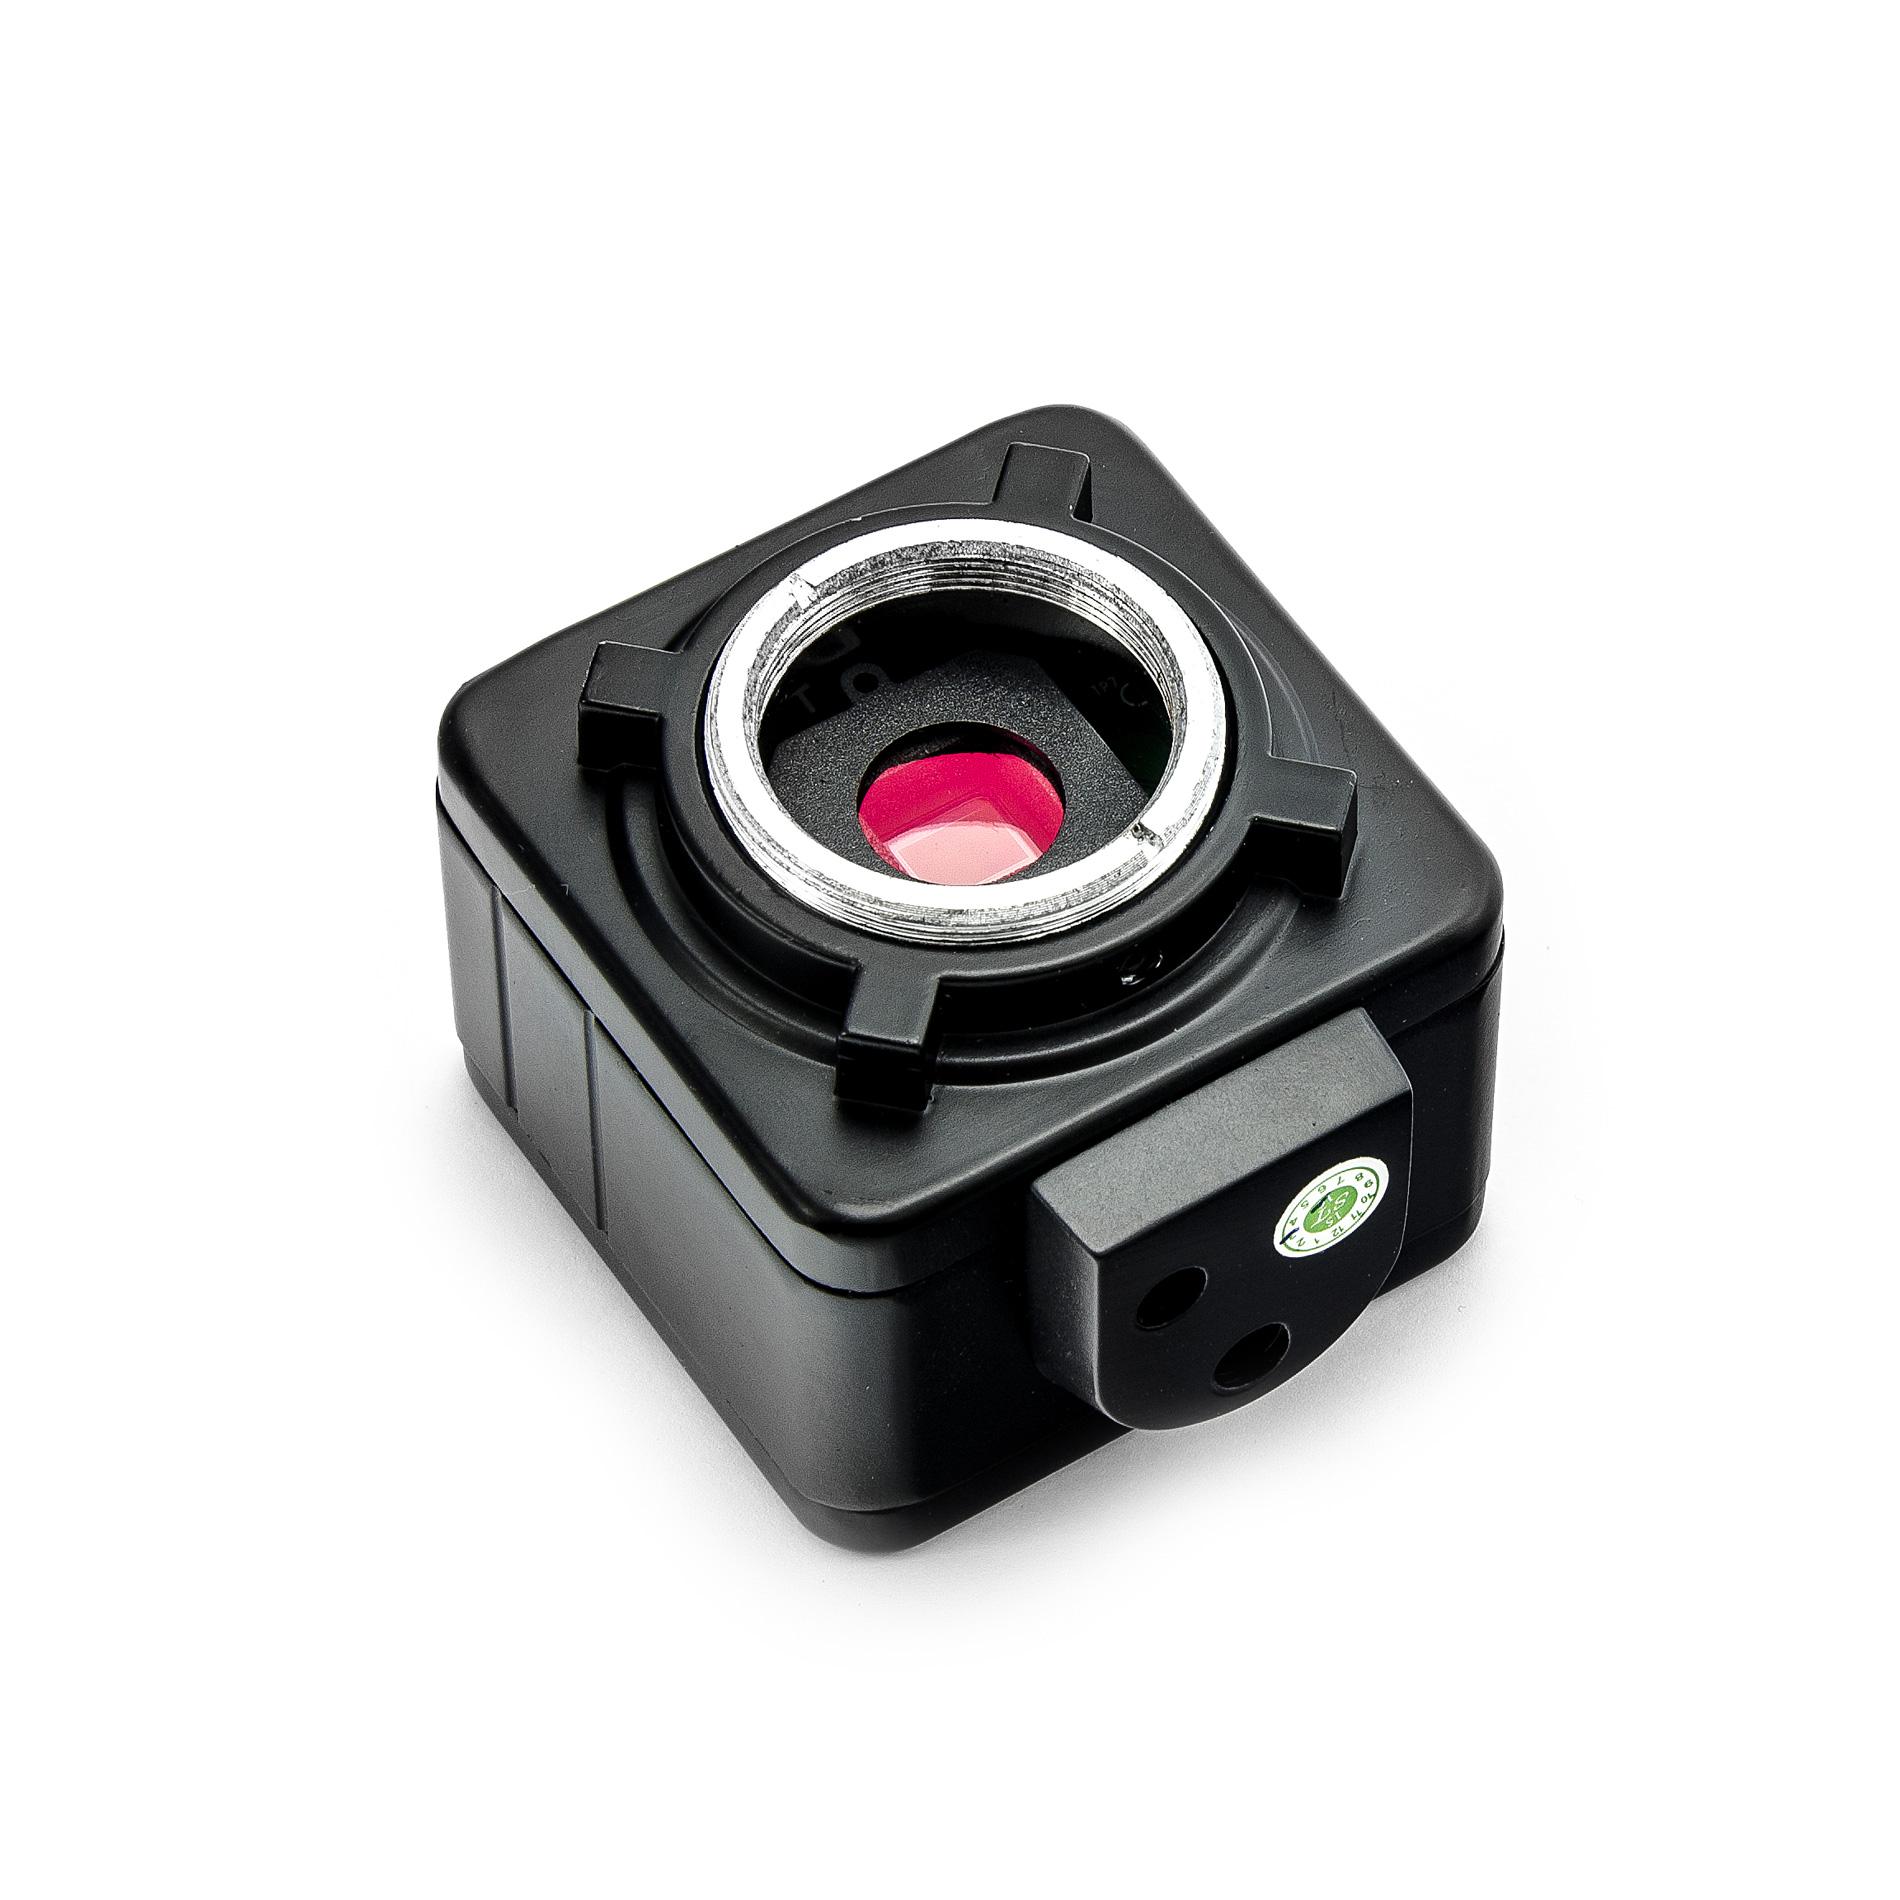 USB kamera k mikroskopu 10 megapixelů s CS závitem